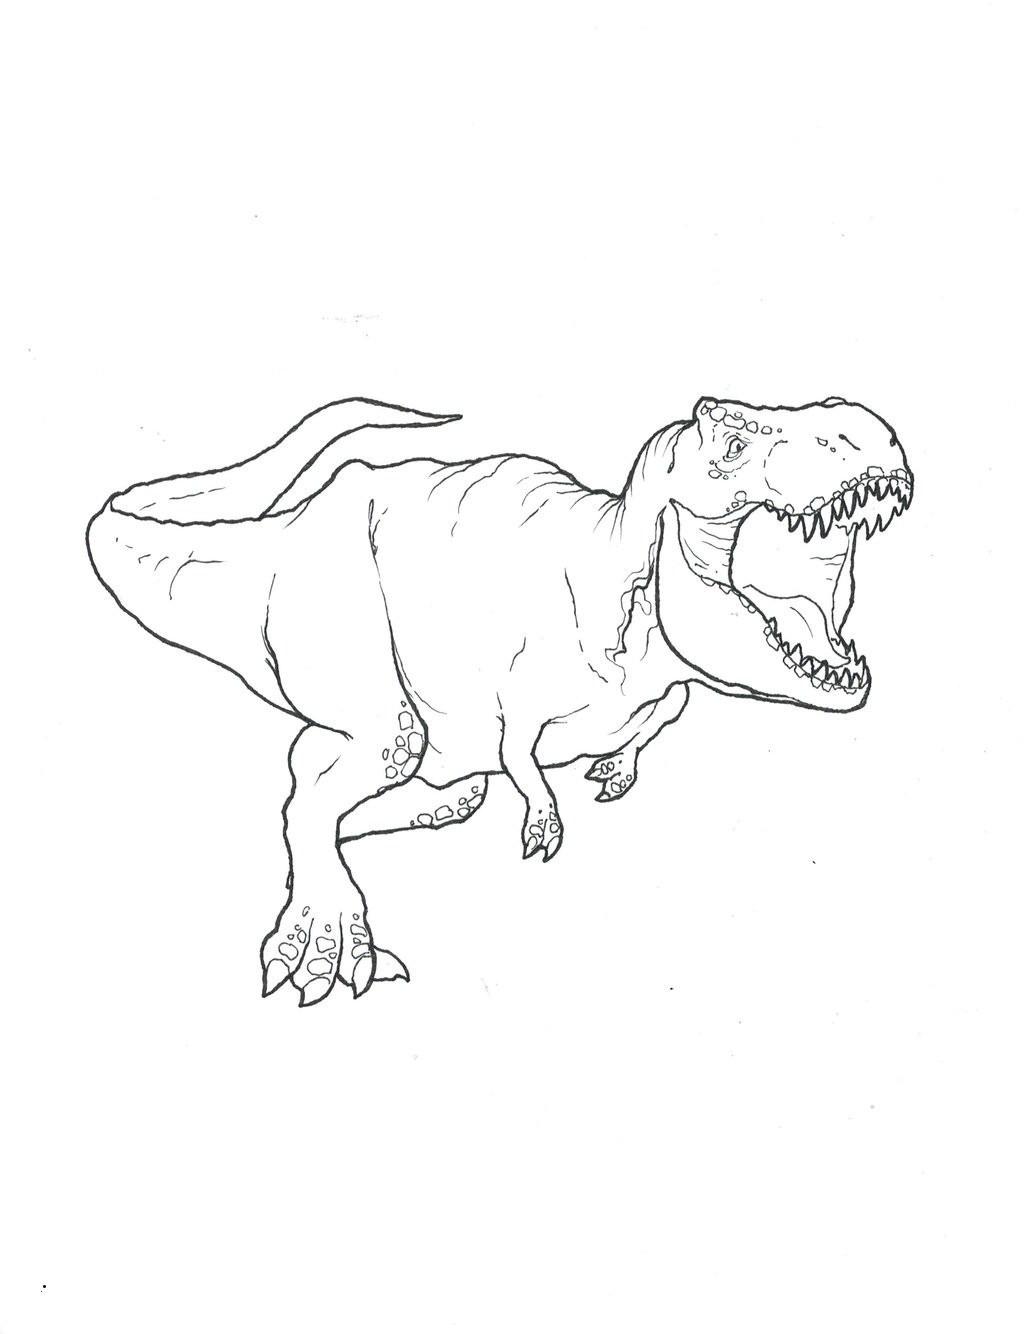 Tyrannosaurus Rex Ausmalbild Einzigartig 44 Idee Ausmalbilder Tyrannosaurus Rex Treehouse Nyc Galerie